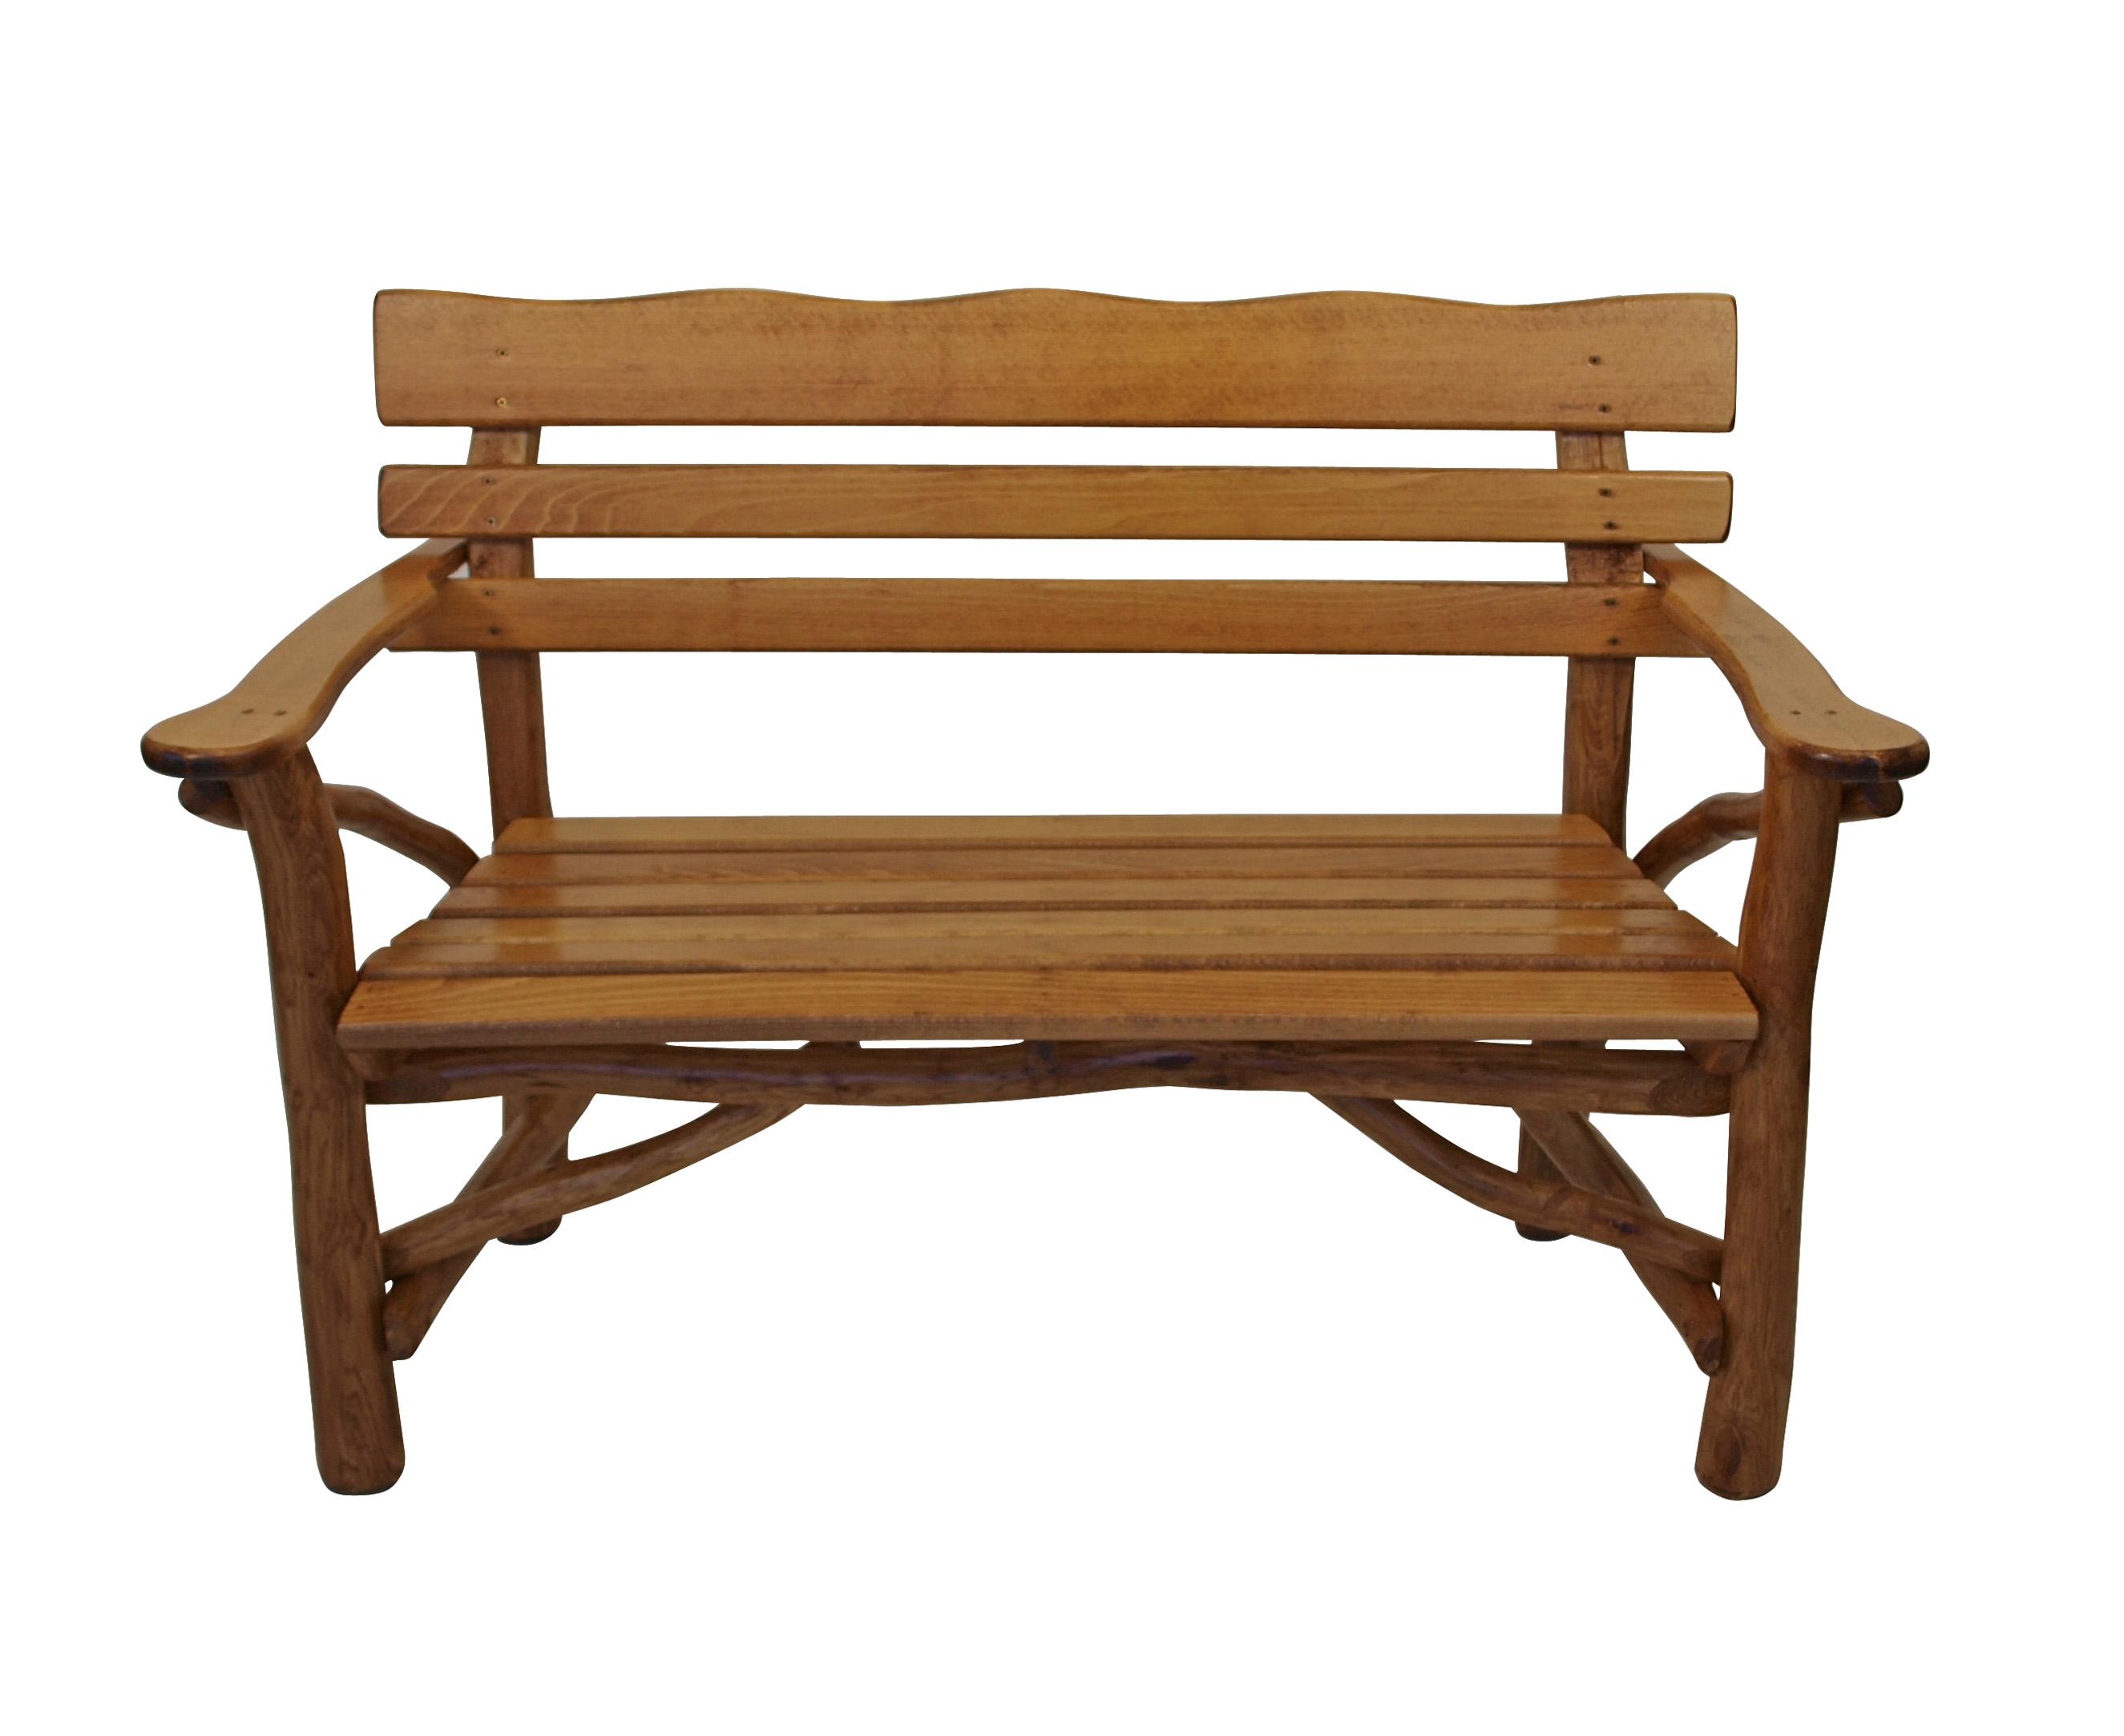 gartenbank rund holz 214820 eine interessante idee f r die gestaltung einer parkbank. Black Bedroom Furniture Sets. Home Design Ideas